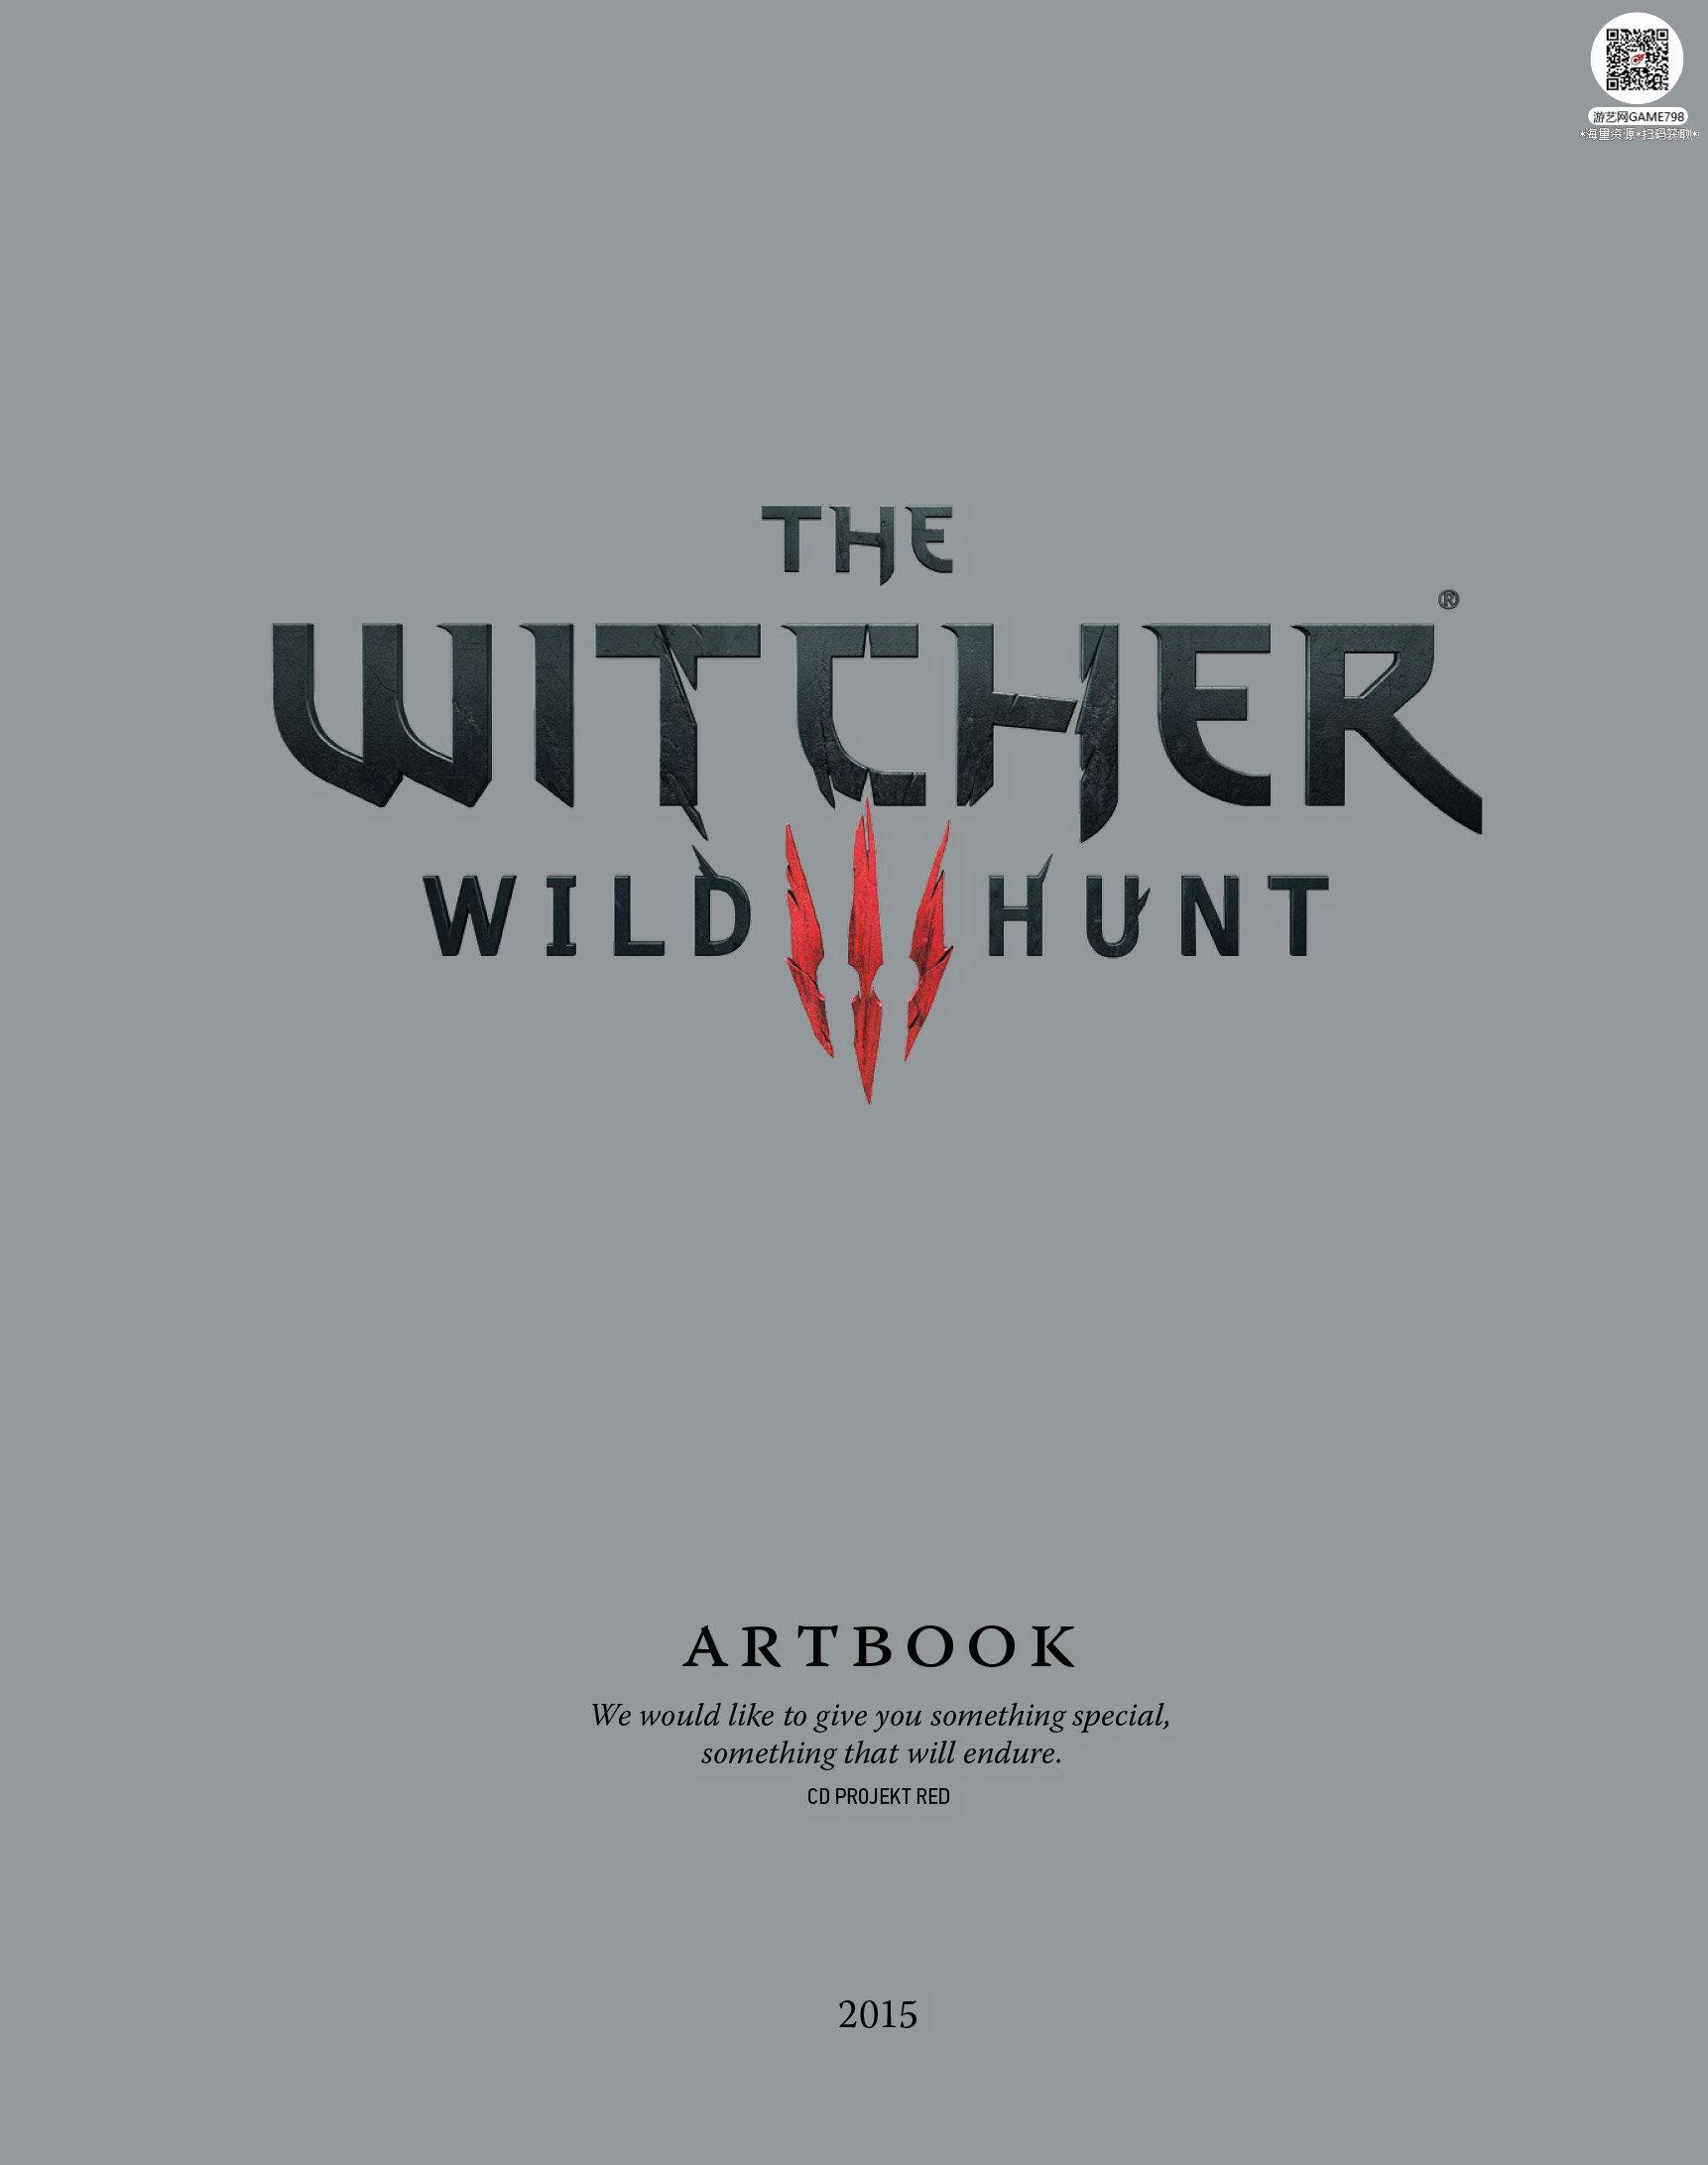 002_关注游艺网公众号获海量资源_次世代游戏巫师3(Witcher)官方原画概念设定.jpg